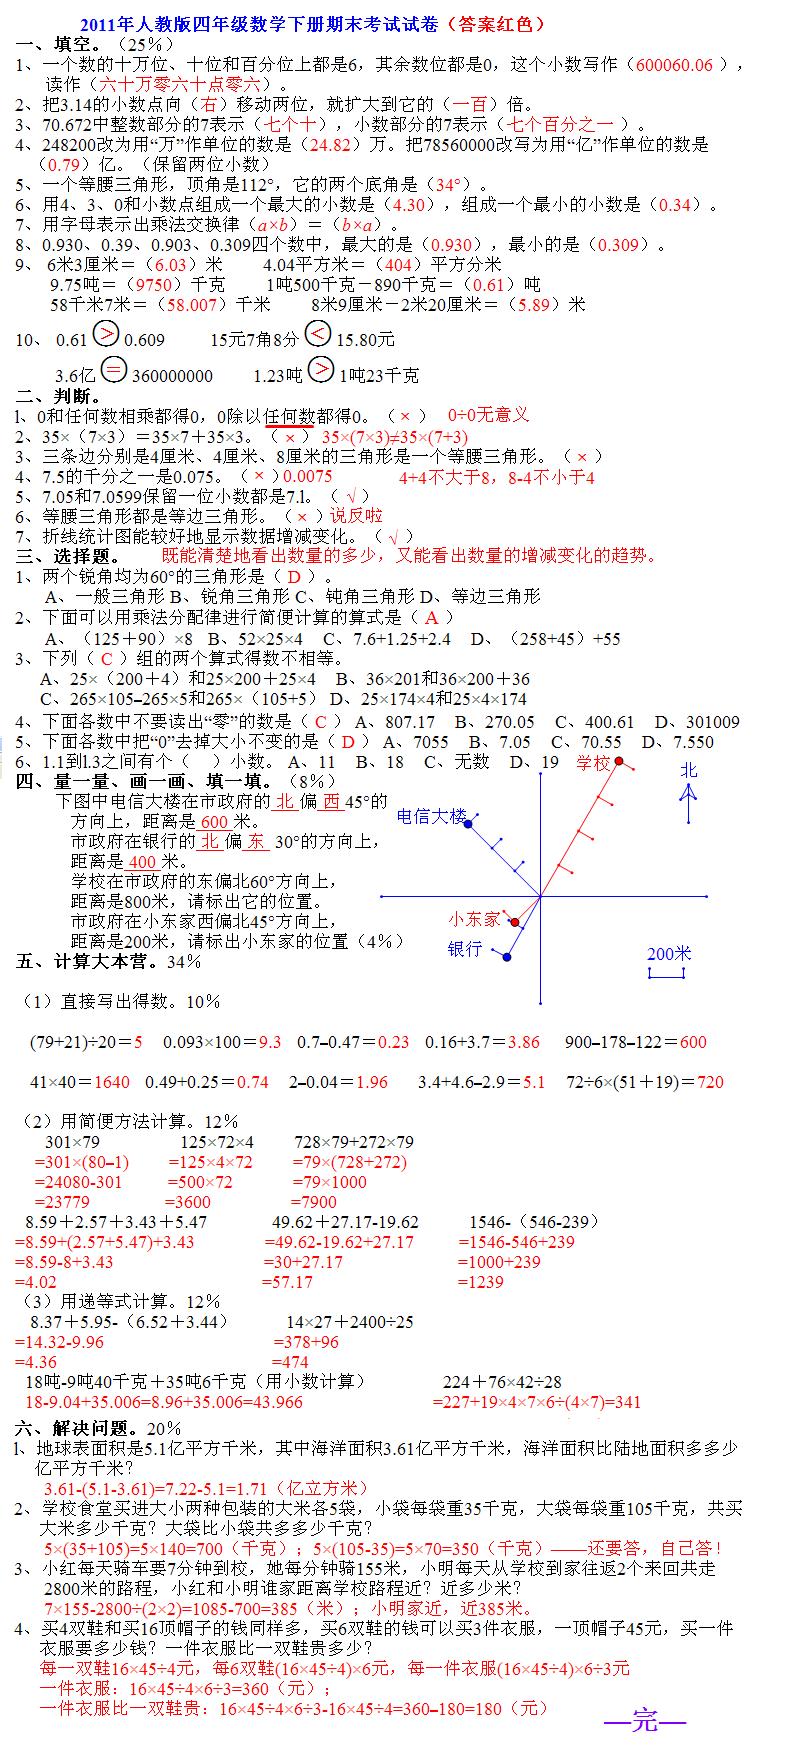 四年级奥数测试_人教版四年级数学下册期末 测试